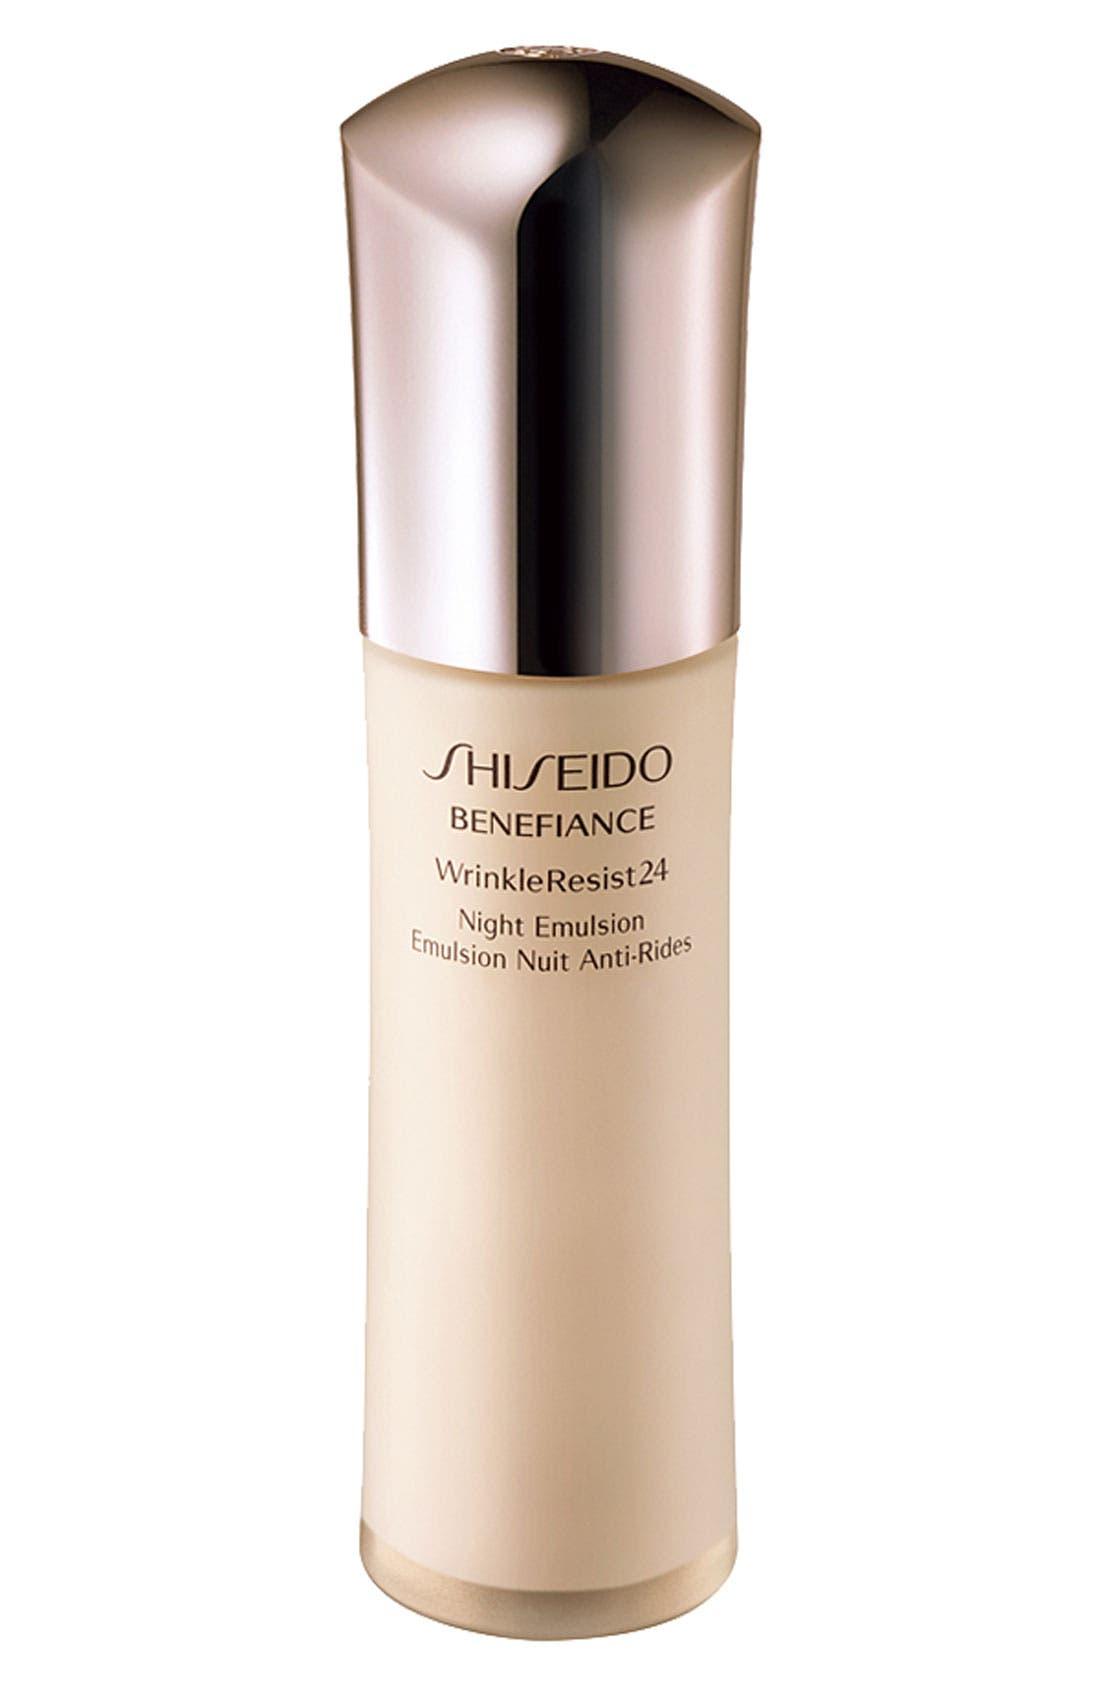 Shiseido 'Benefiance WrinkleResist24' Night Emulsion